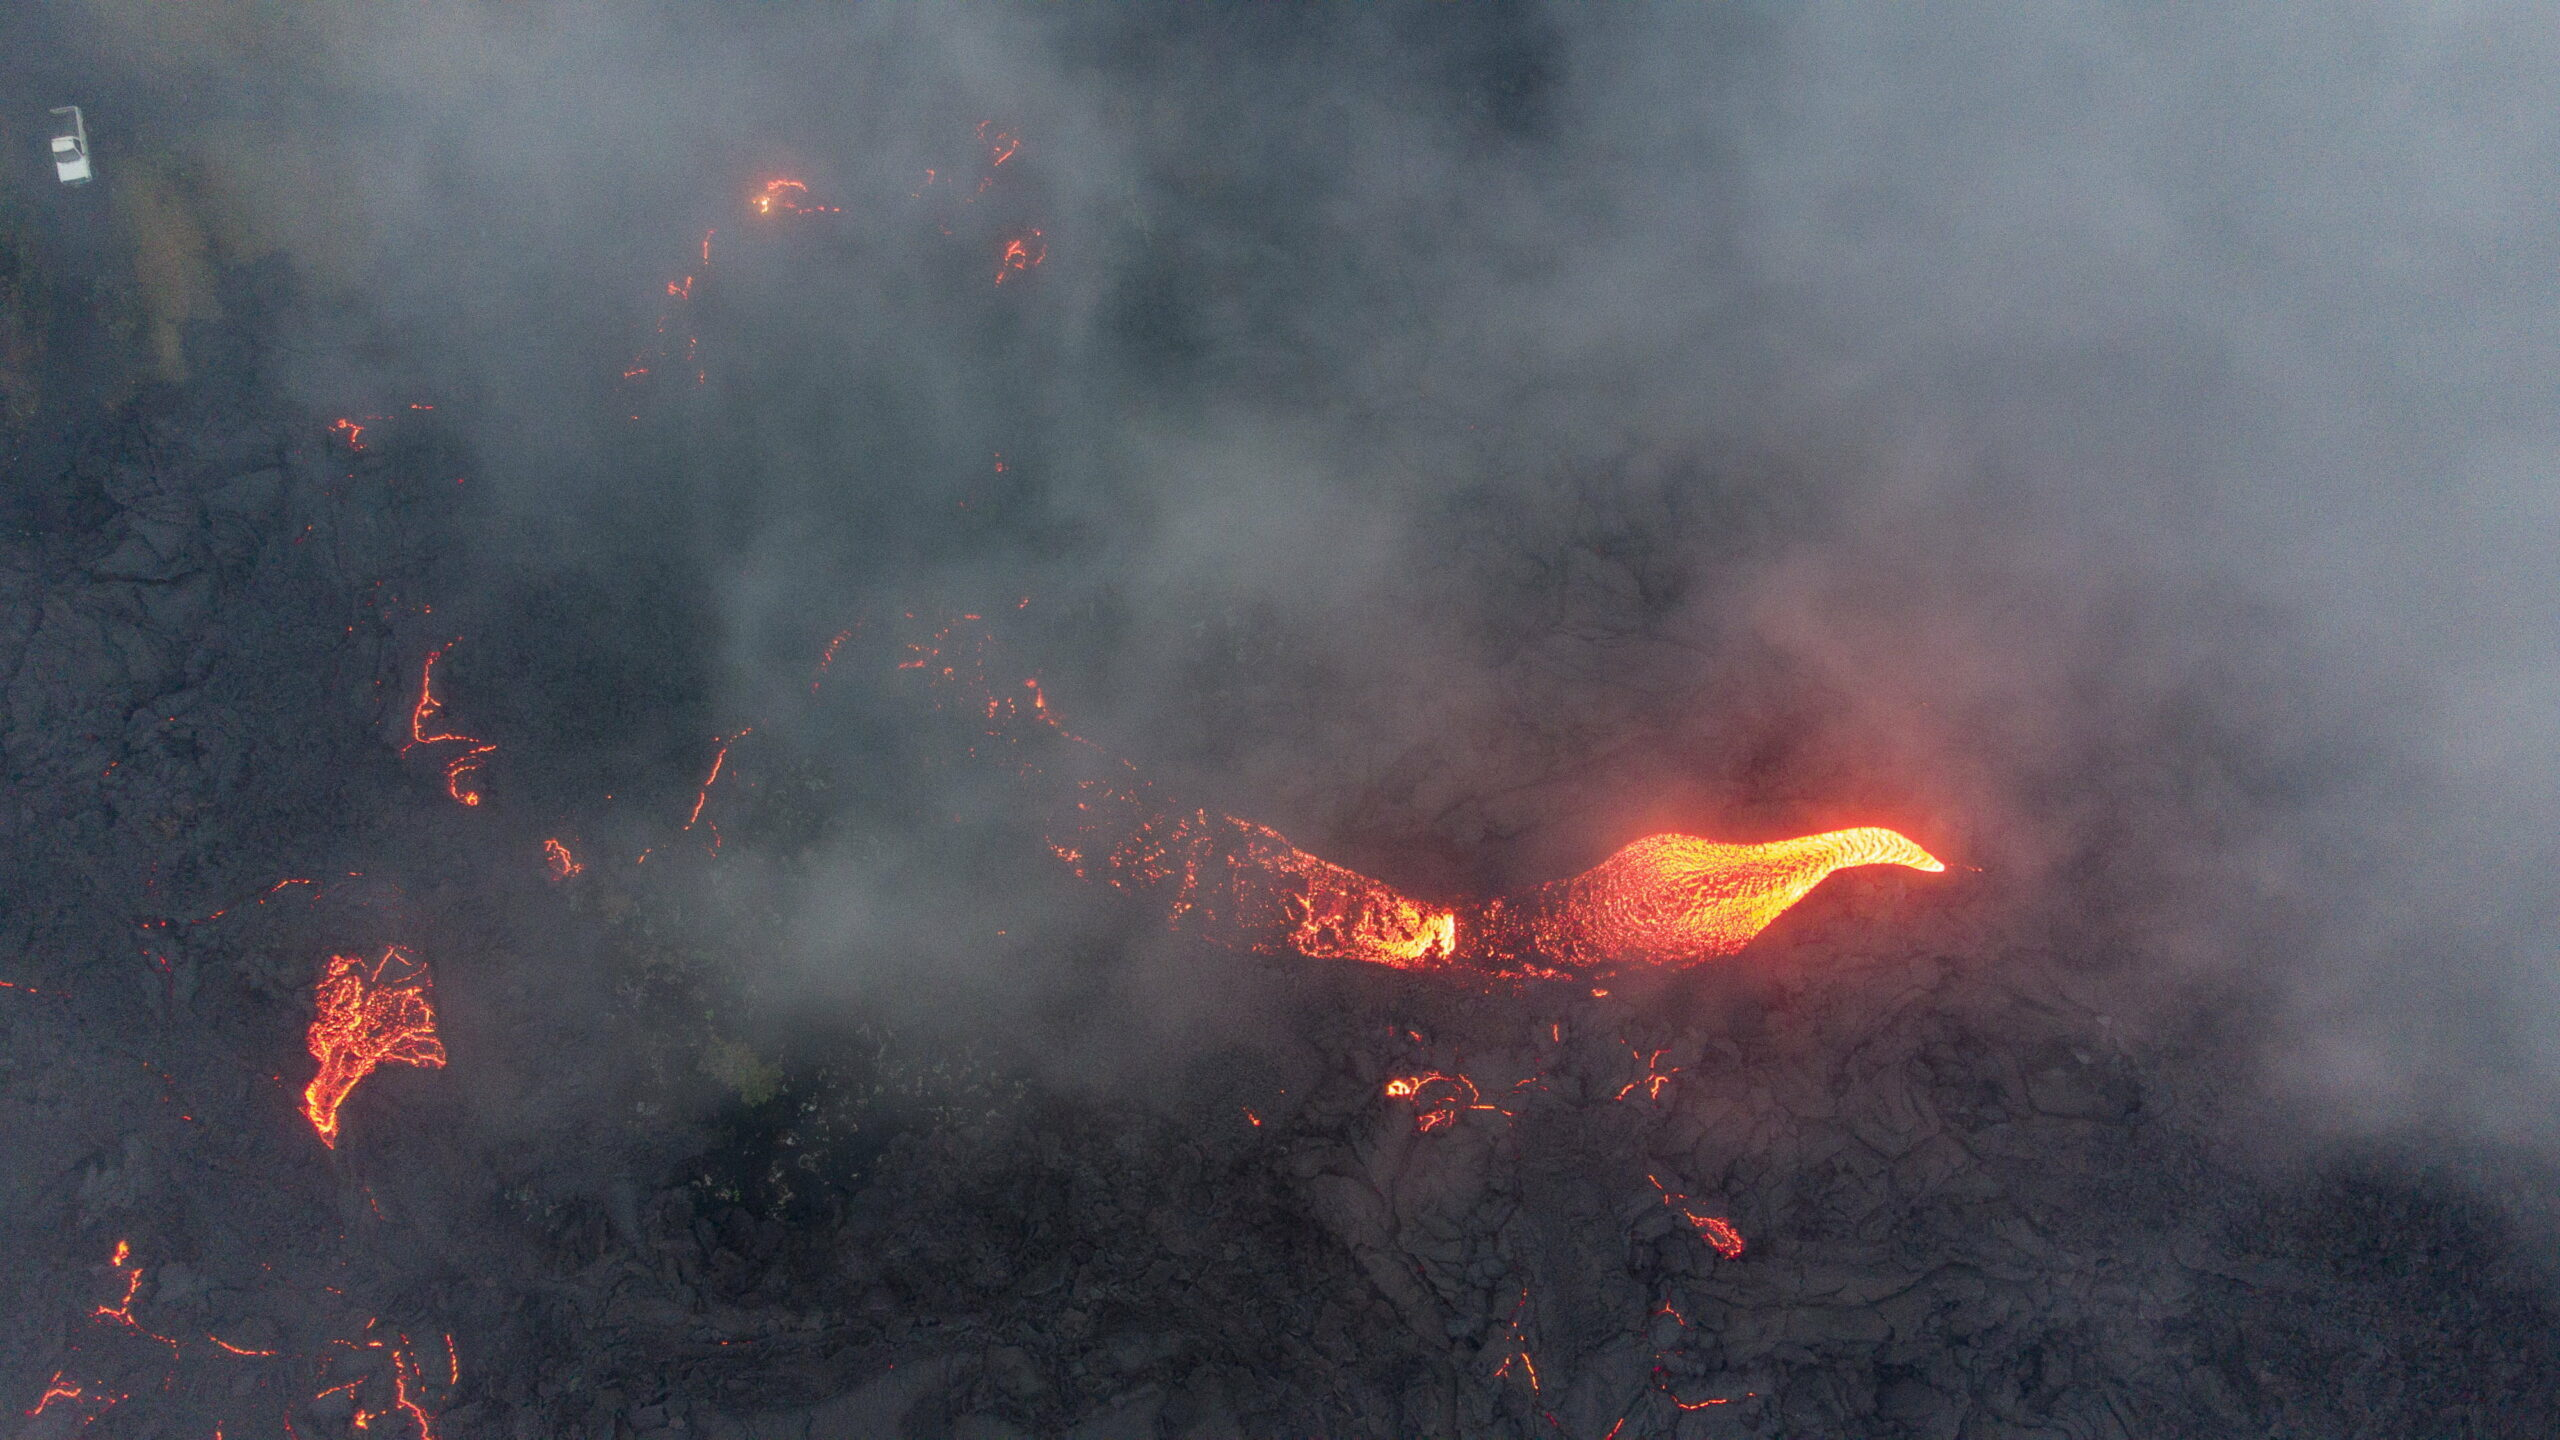 Kitört a Nyiragongo tűzhányó 6